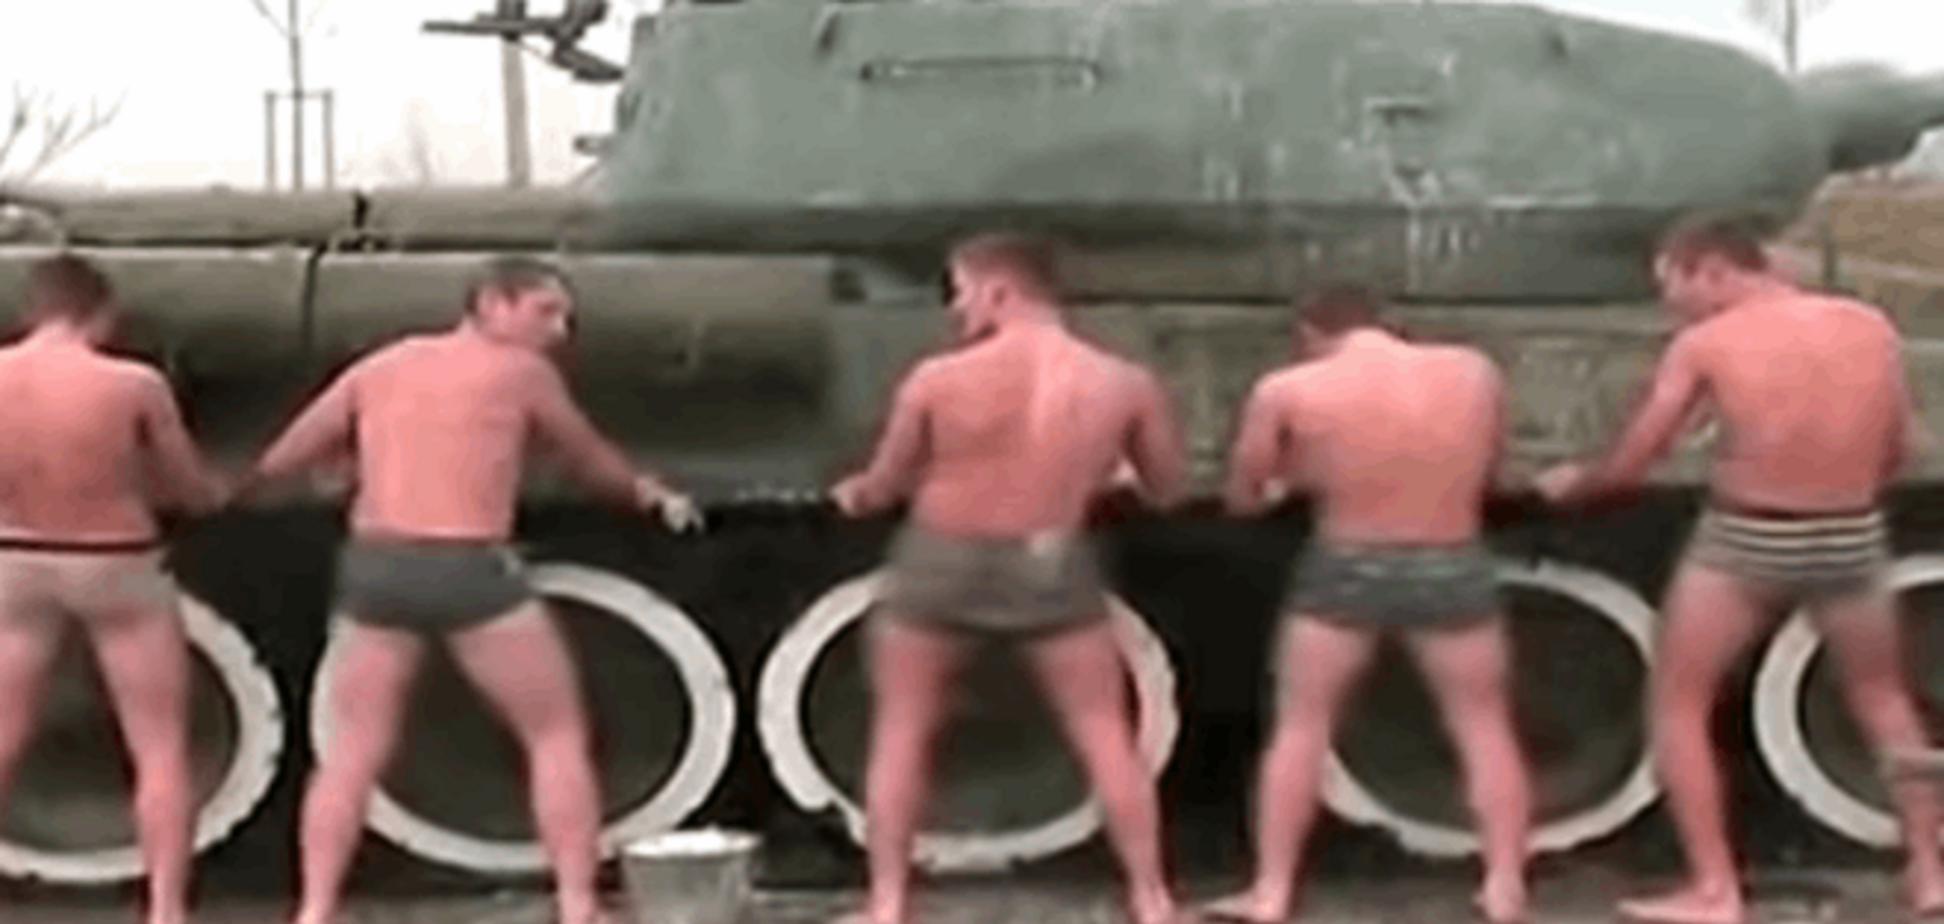 Служить в России легко! Кадеты голышом моют танки: видеофакт